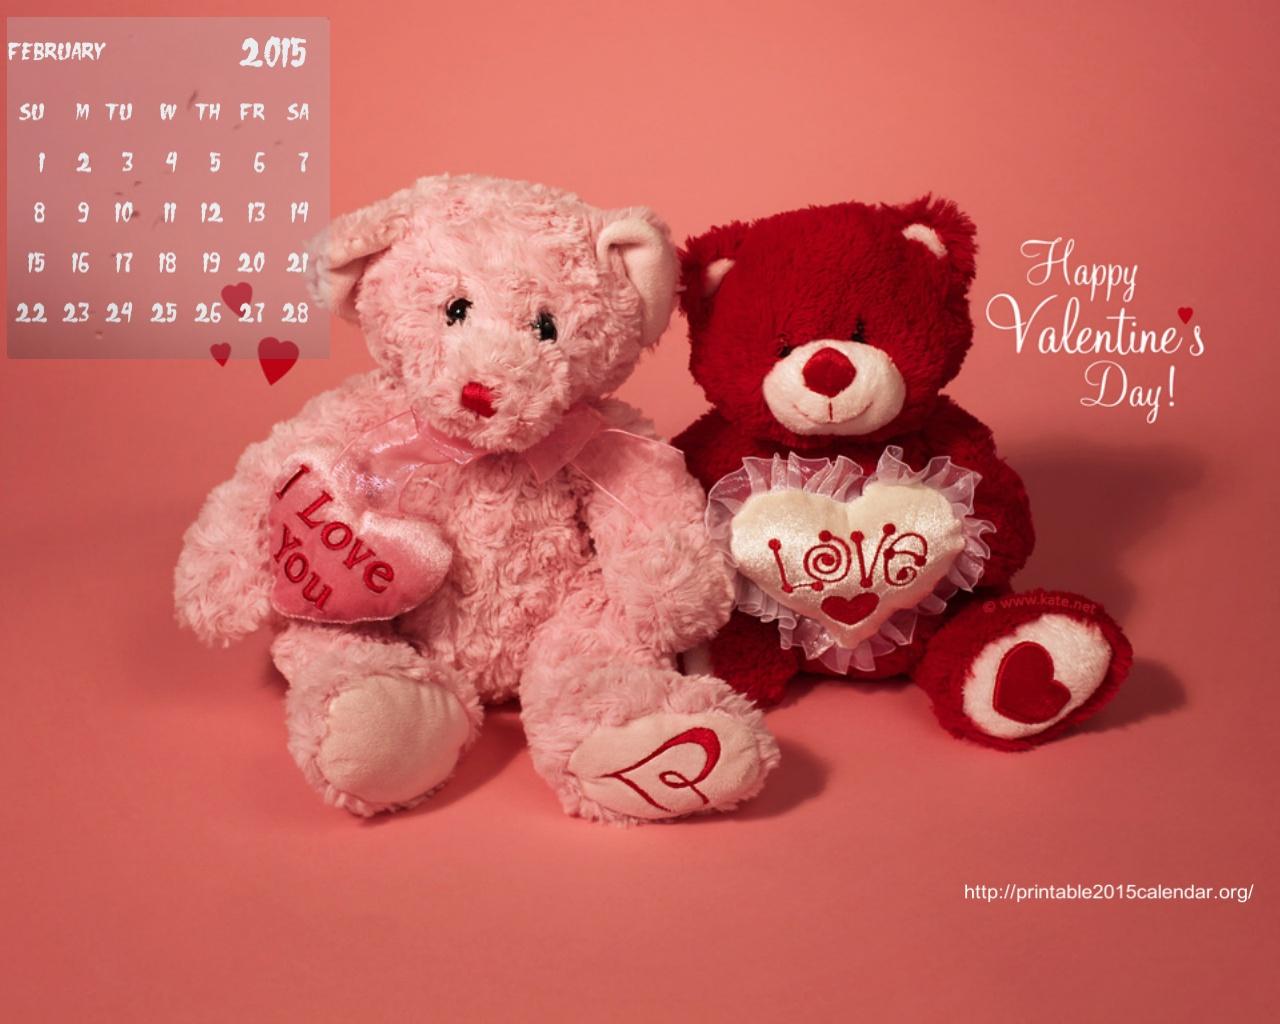 February 2015 Calendar Wallpaper 1280x1024